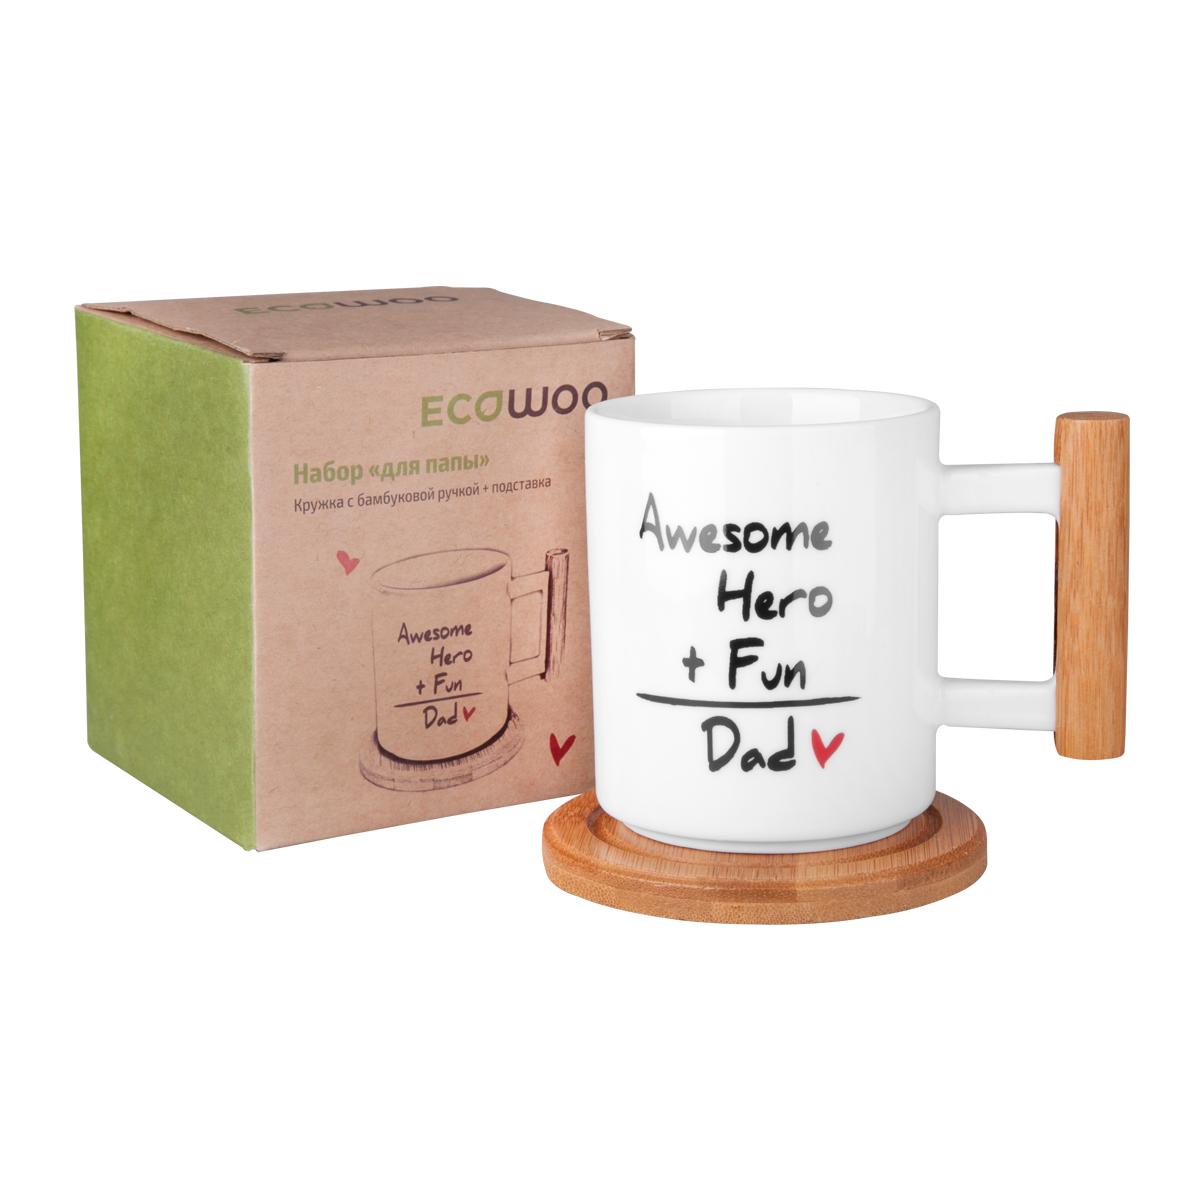 Набор EcoWoo Для папы: кружка с бамбуковой ручкой, подставкаVT-1520(SR)Набор EcoWoo Для папы - это очень стильный и функциональный подарок, который обязательно поднимет настроение и будет каждый раз дарить заряд ярких и положительных эмоций.Чайный набор для самого дорогого и важного мужчины в жизни каждого!Кружка для самого веселого и смелого папы на свете! Не рекомендуется использовать в посудомоечной машине.